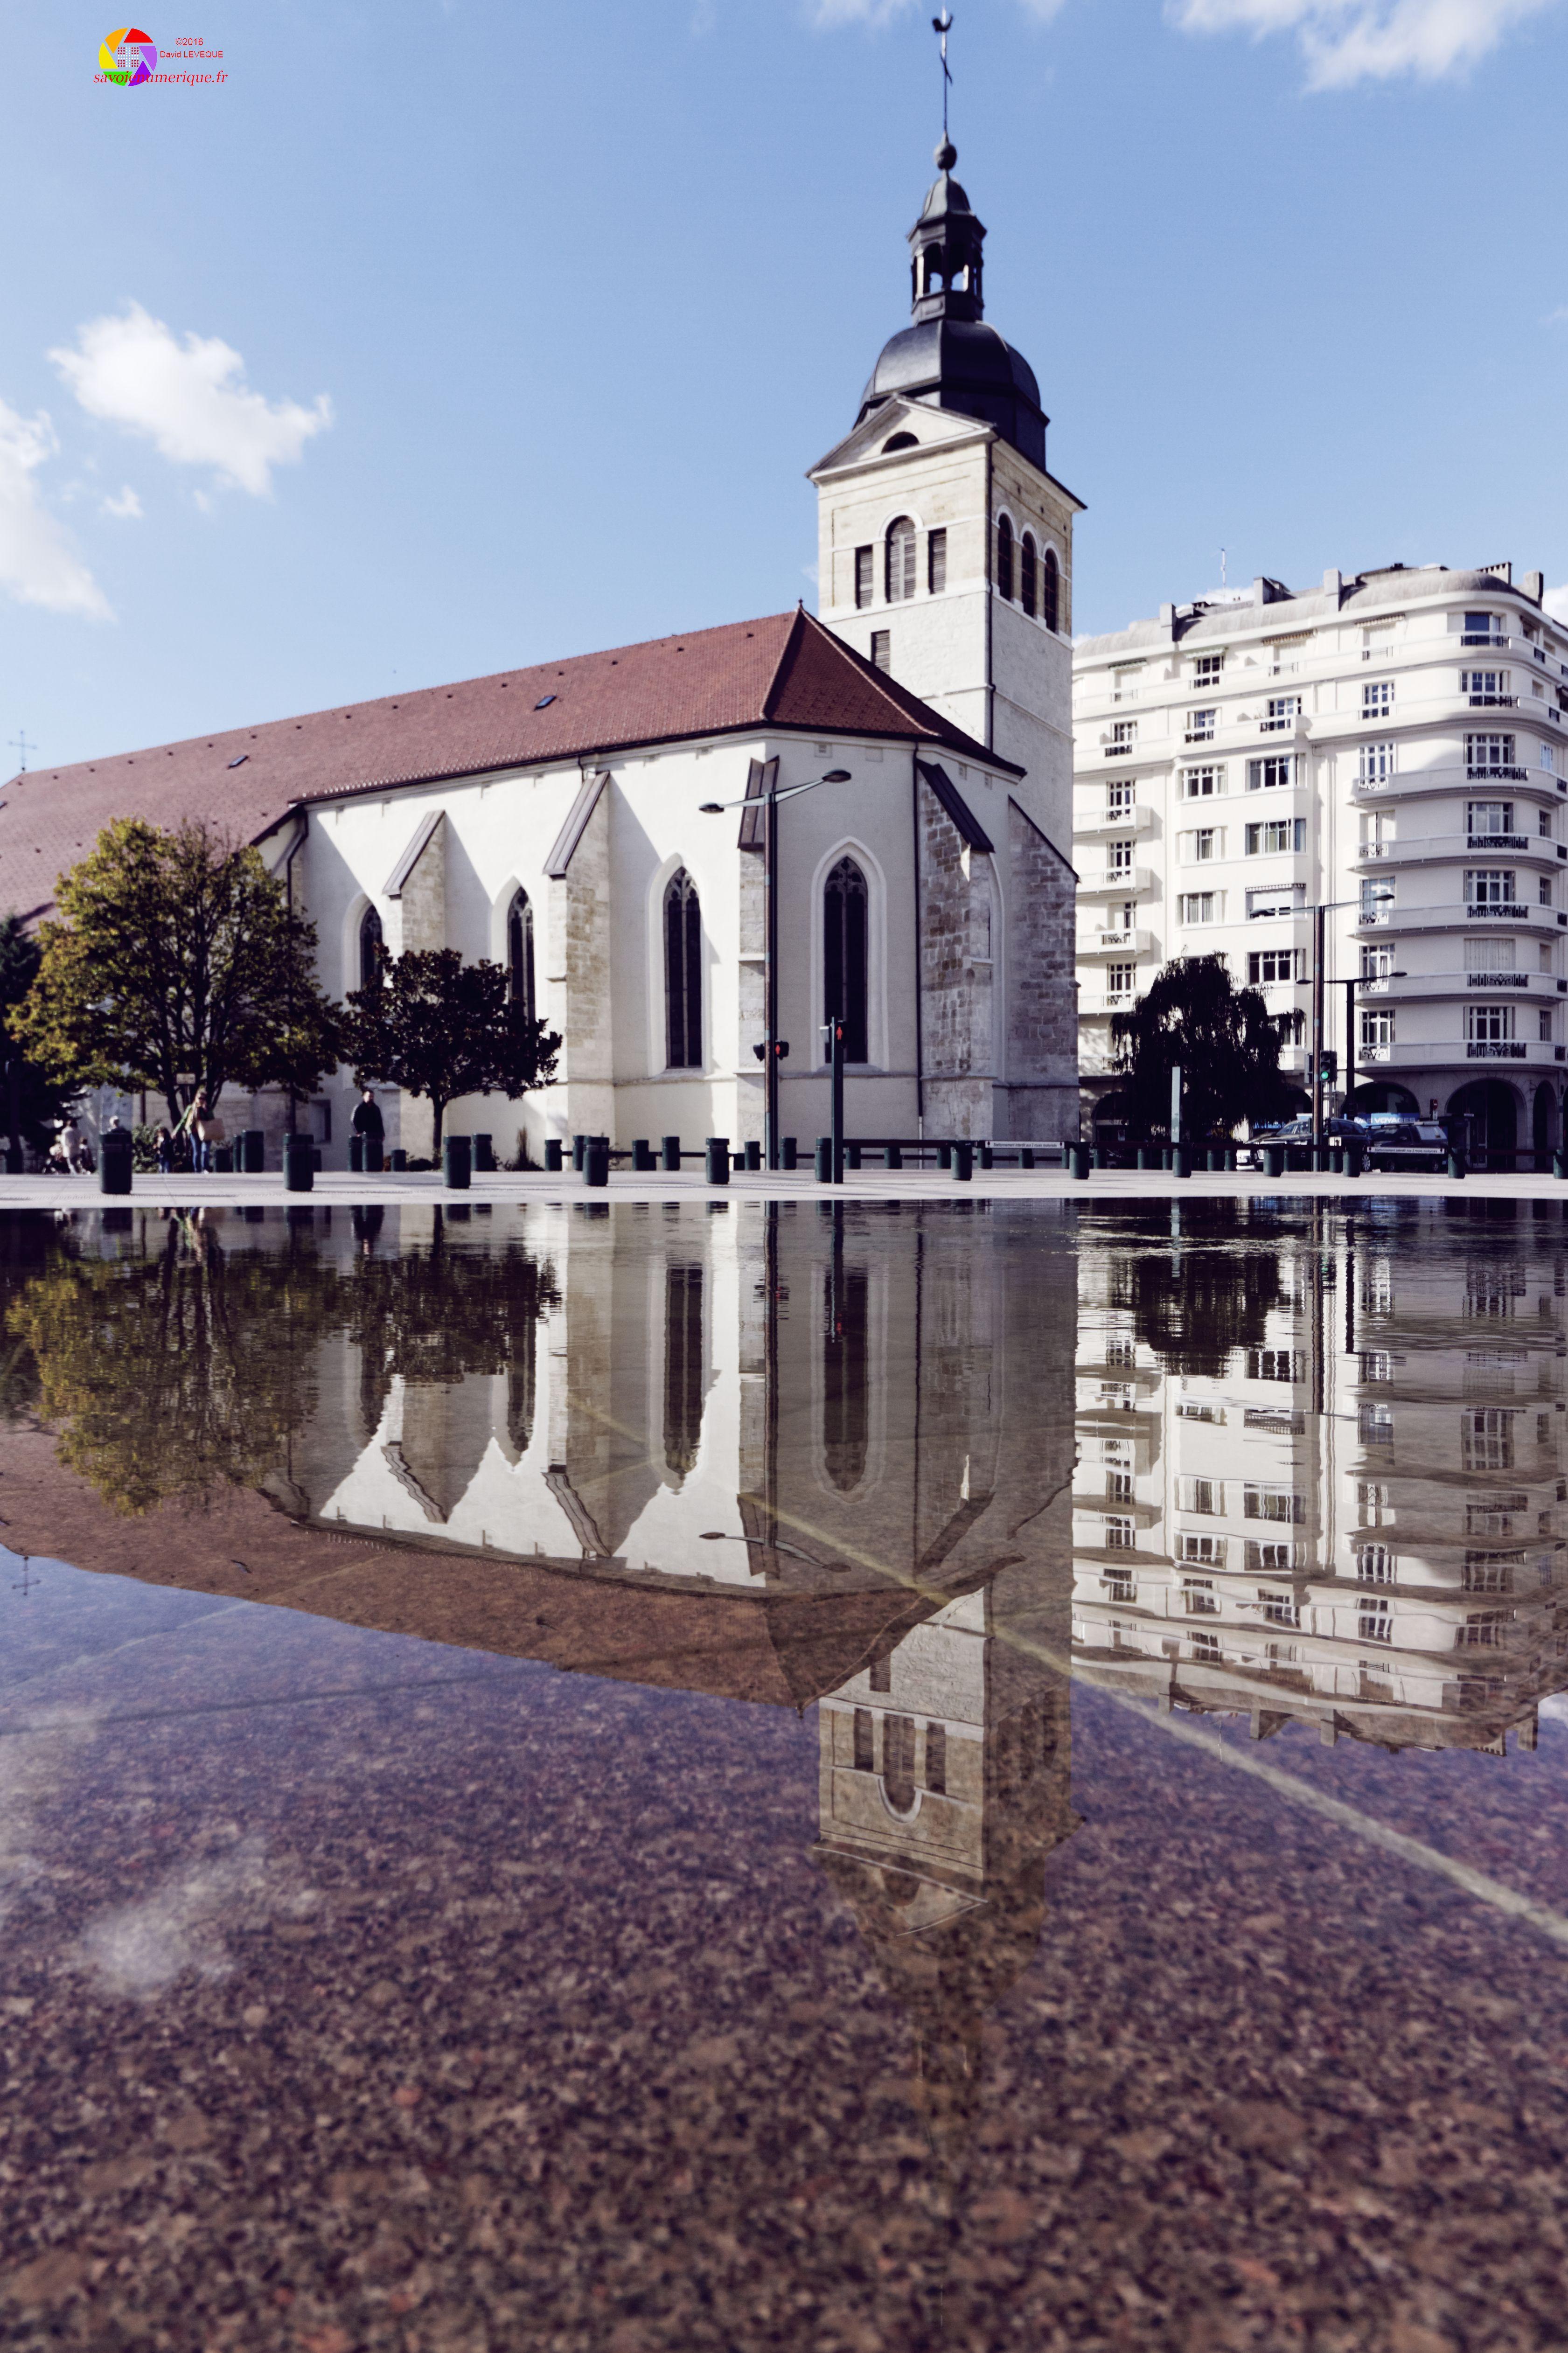 Reflet de l'église Saint-Maurice dans une fontaine, ANNECY